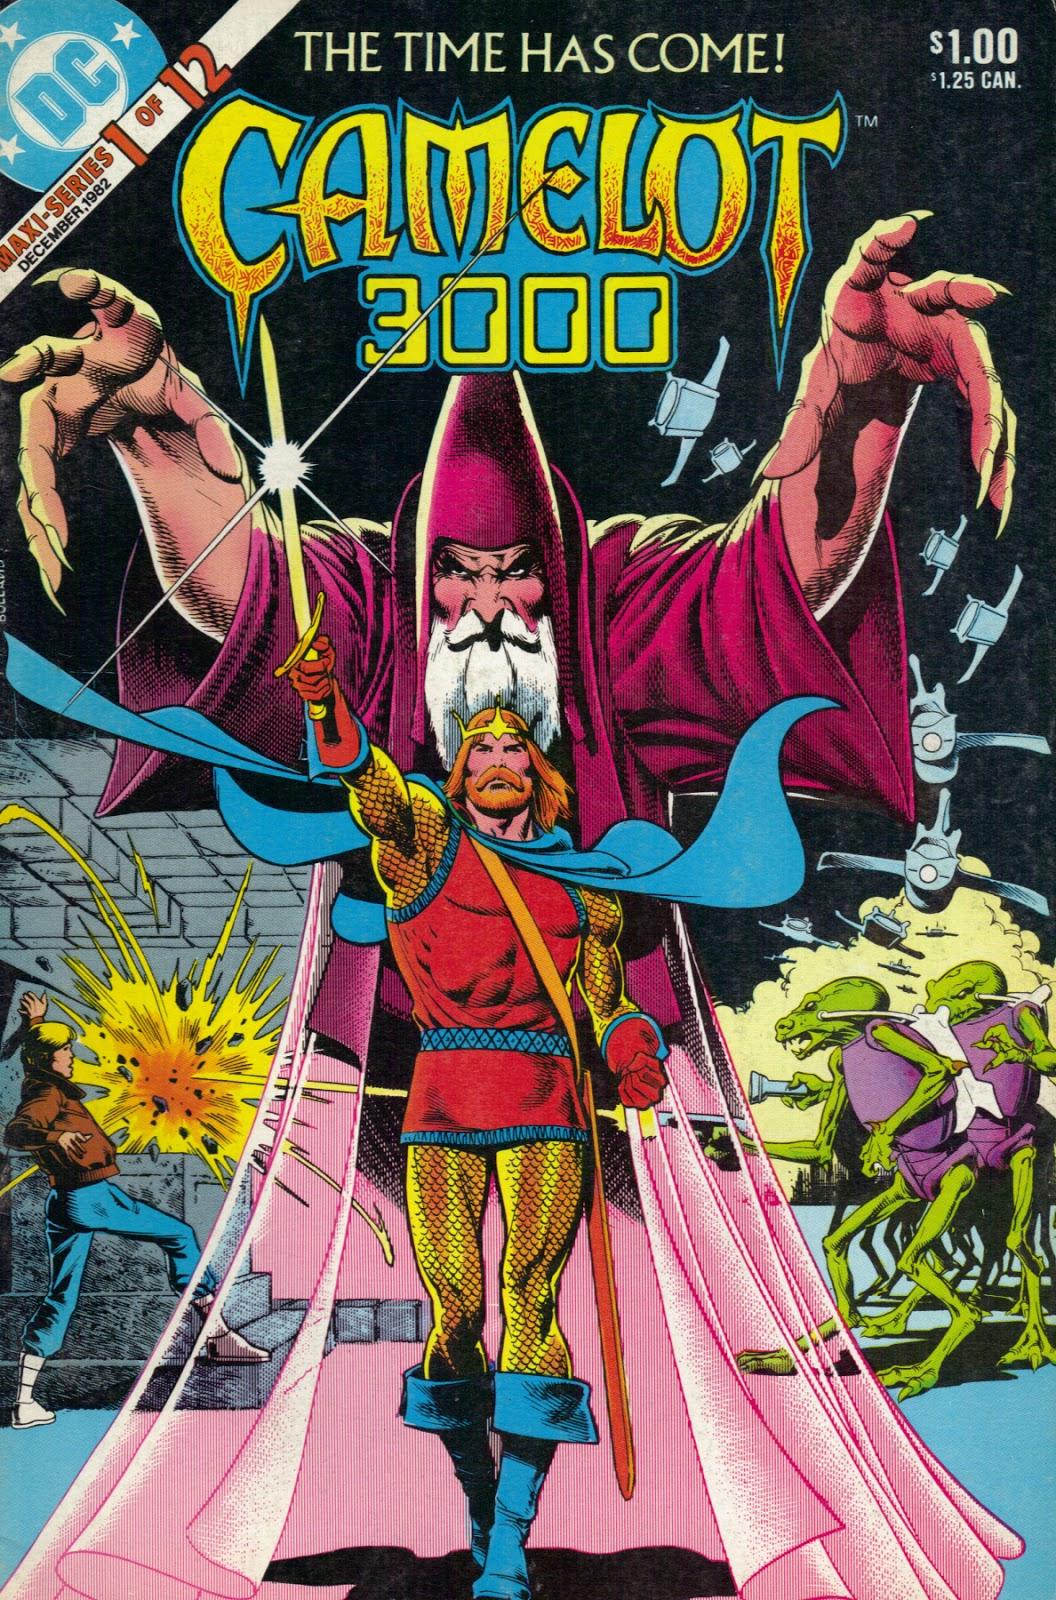 Memória em Quadrinhos: CAMELOT 3000